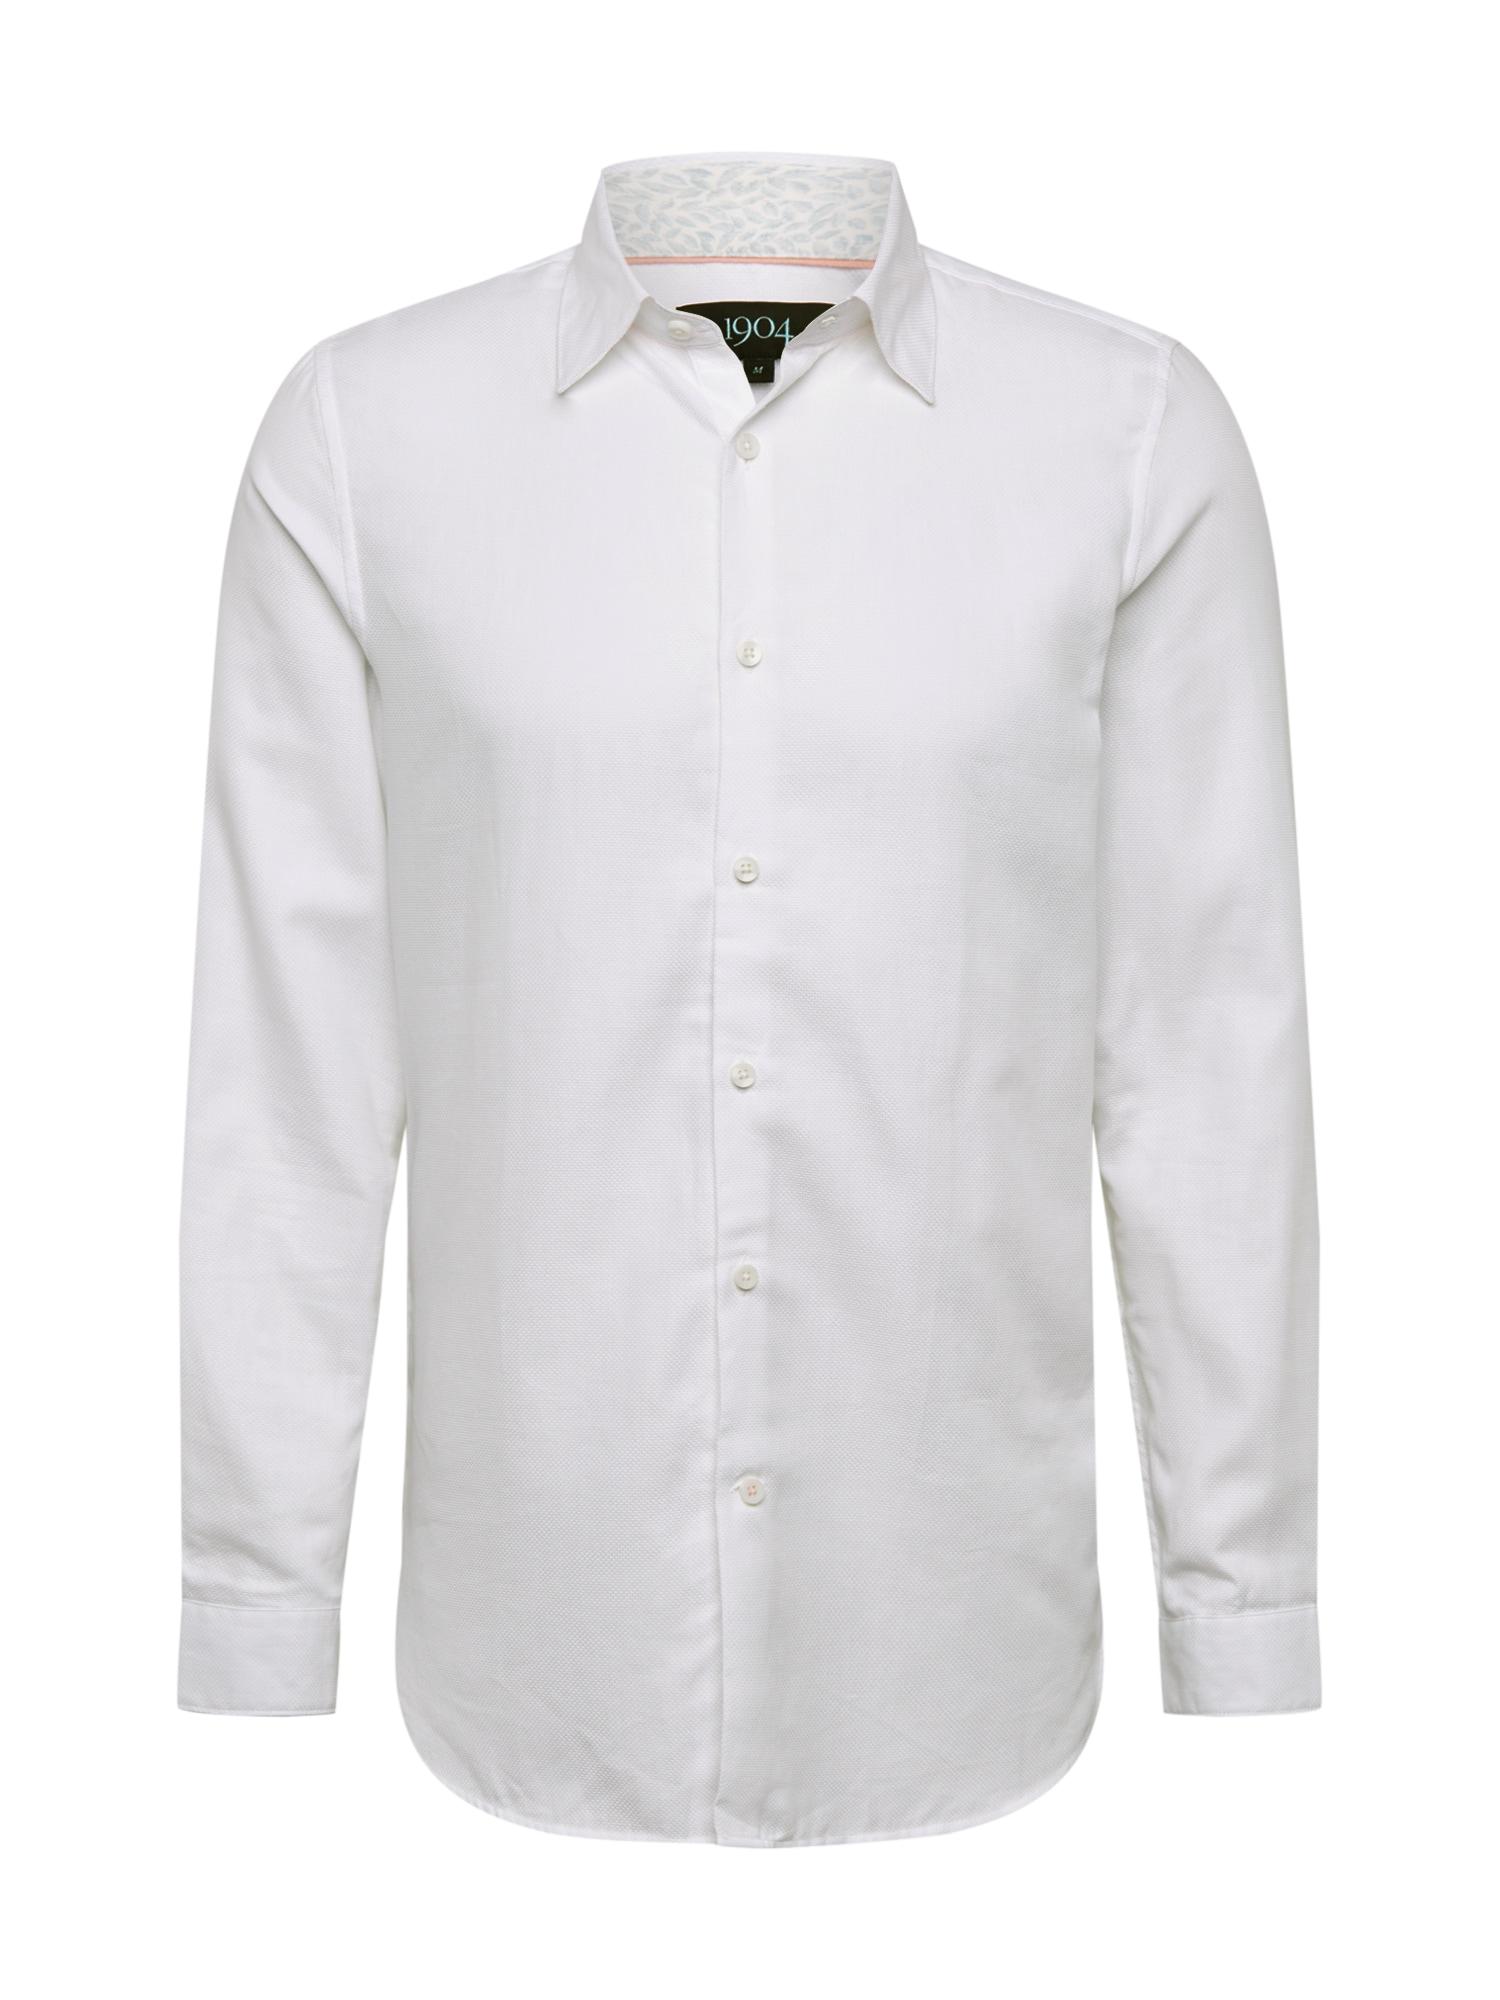 BURTON MENSWEAR LONDON Dalykinio stiliaus marškiniai